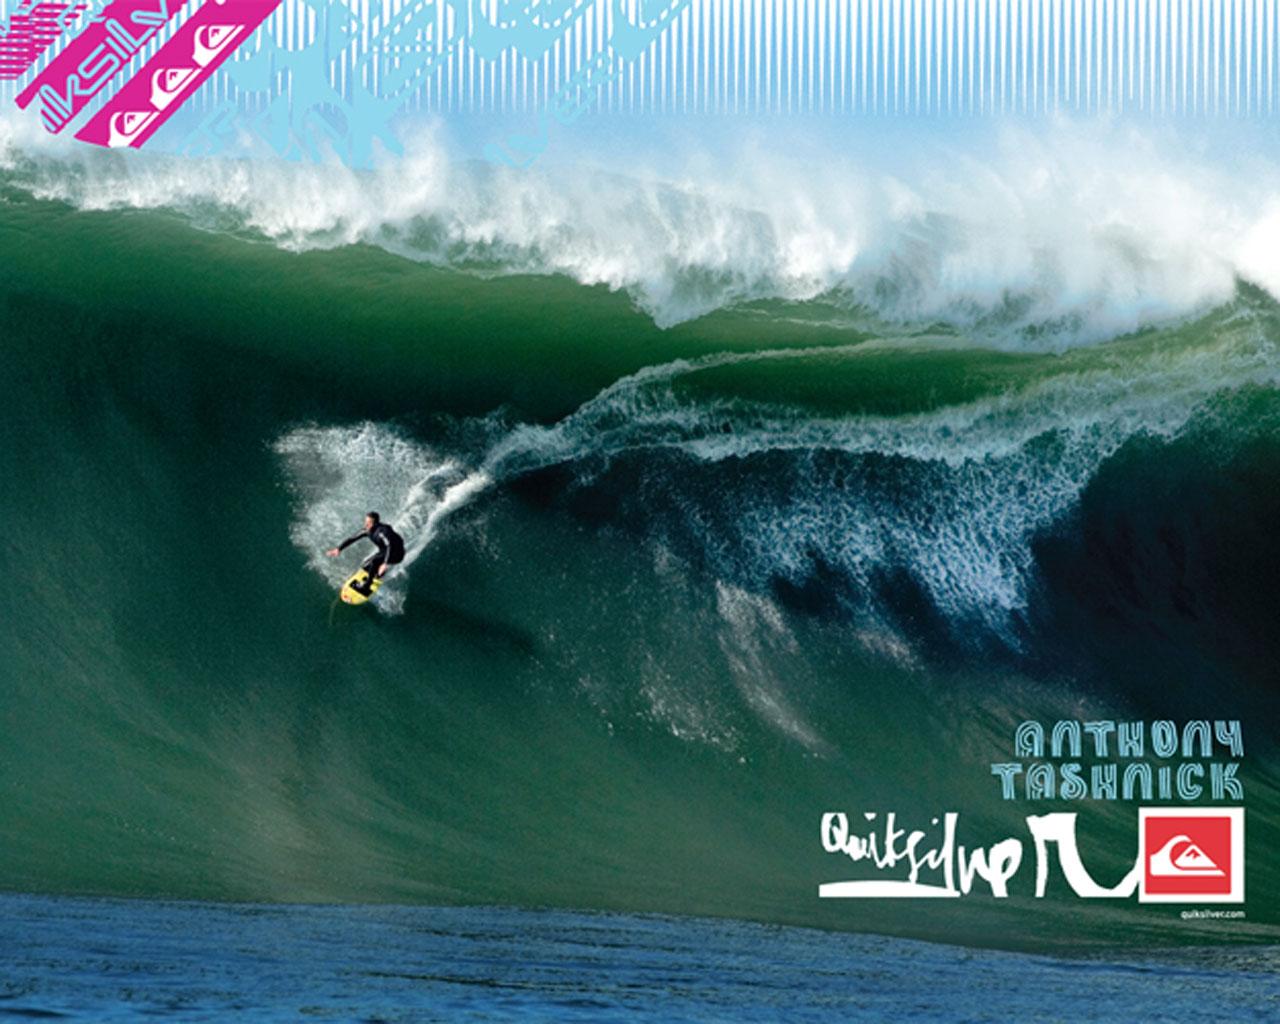 Quiksilver Surfing Wallpaper Quiksilver Quiksilver